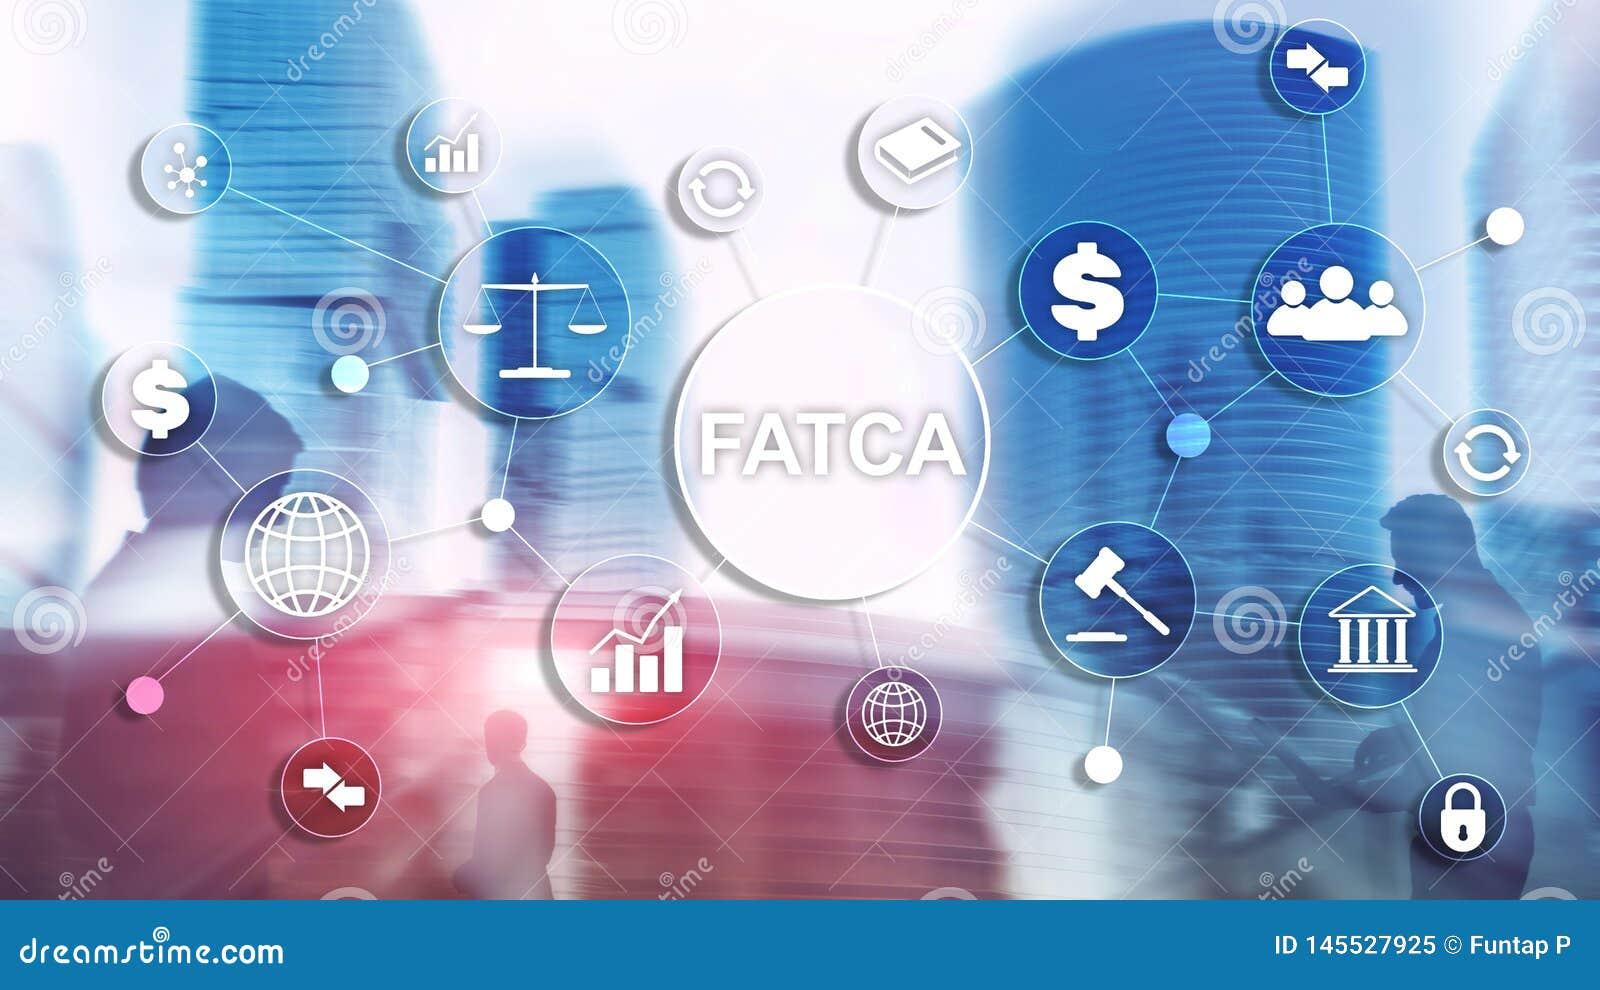 FATCA podatku zgodności Cudzoziemski Obrachunkowy akt Stany Zjednoczone Ameryka prawa biznesu finanse przepisu rządowy pojęcie